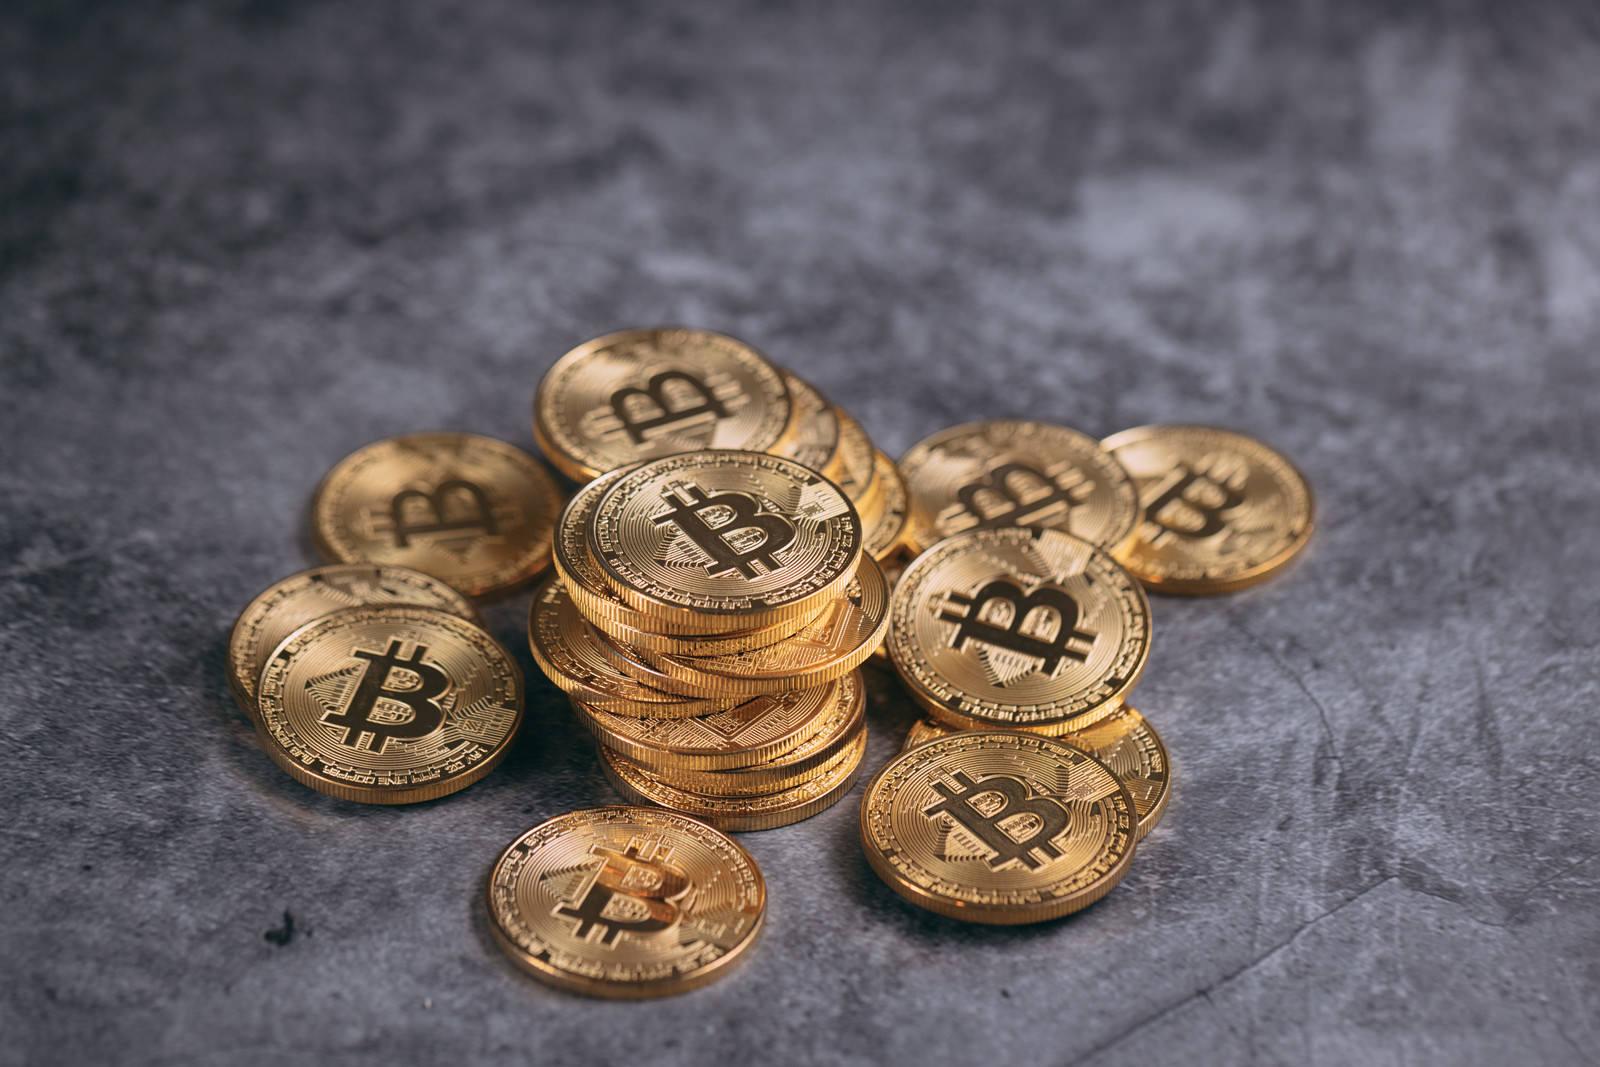 「寄せ集めのビットコイン」の写真